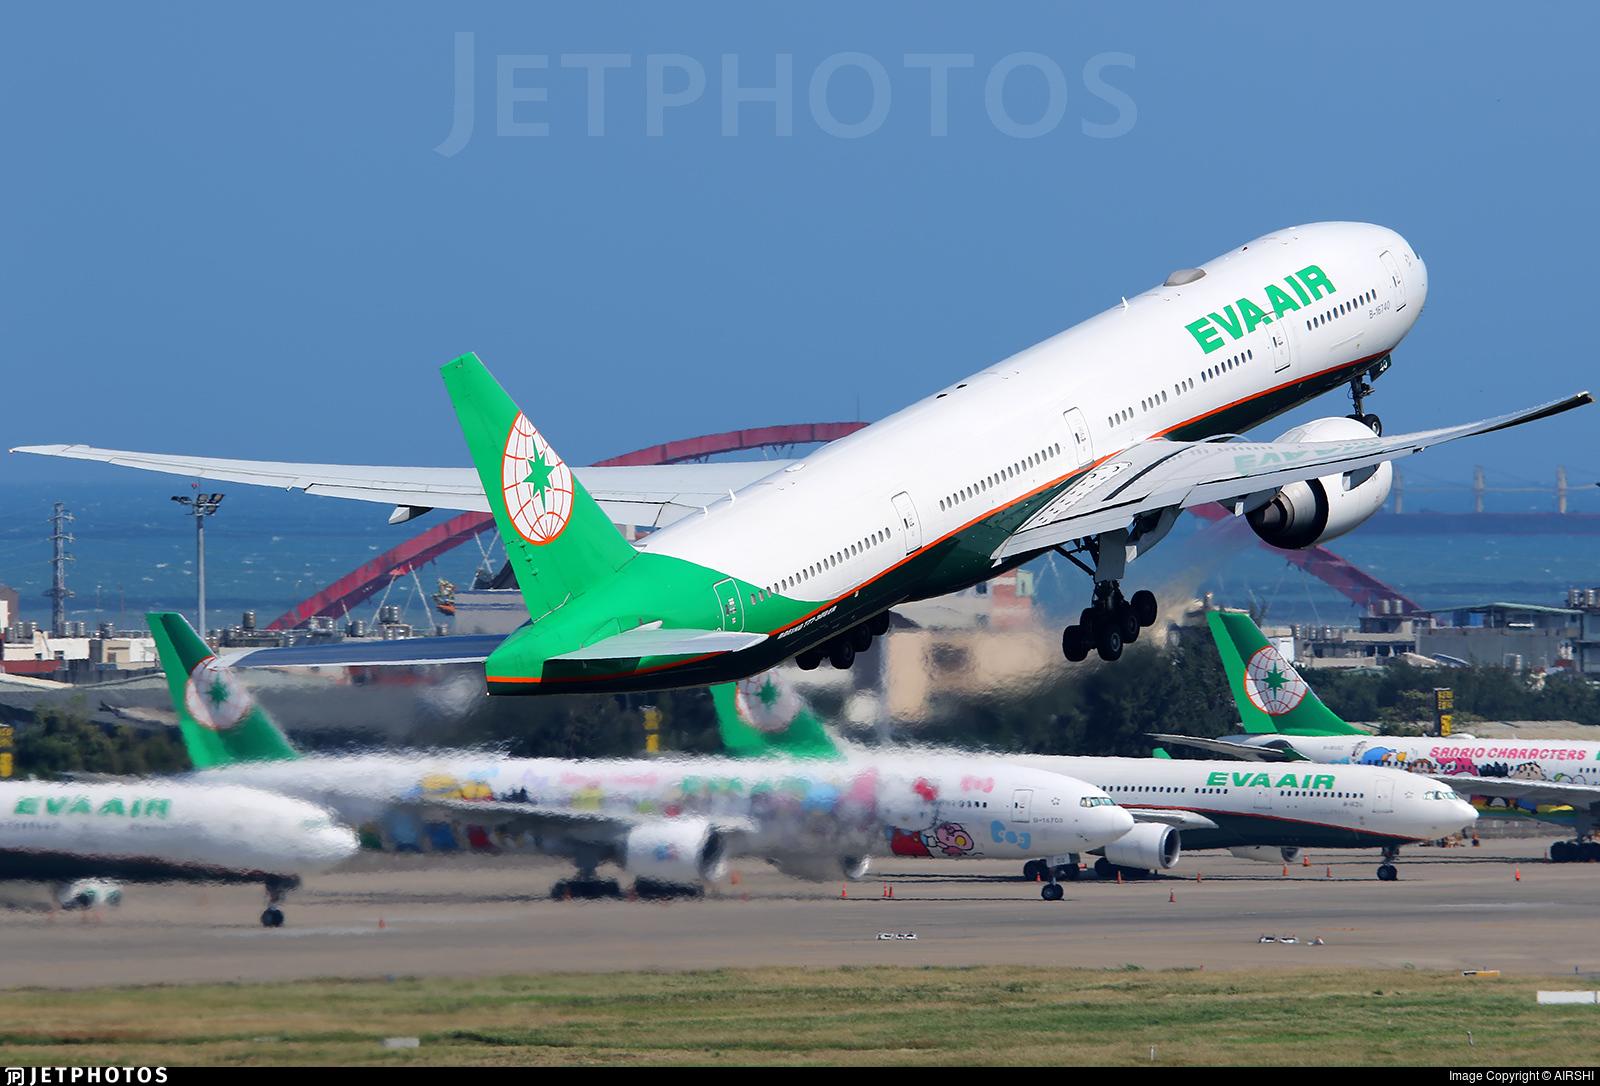 EVA Air 777 departing Taipei